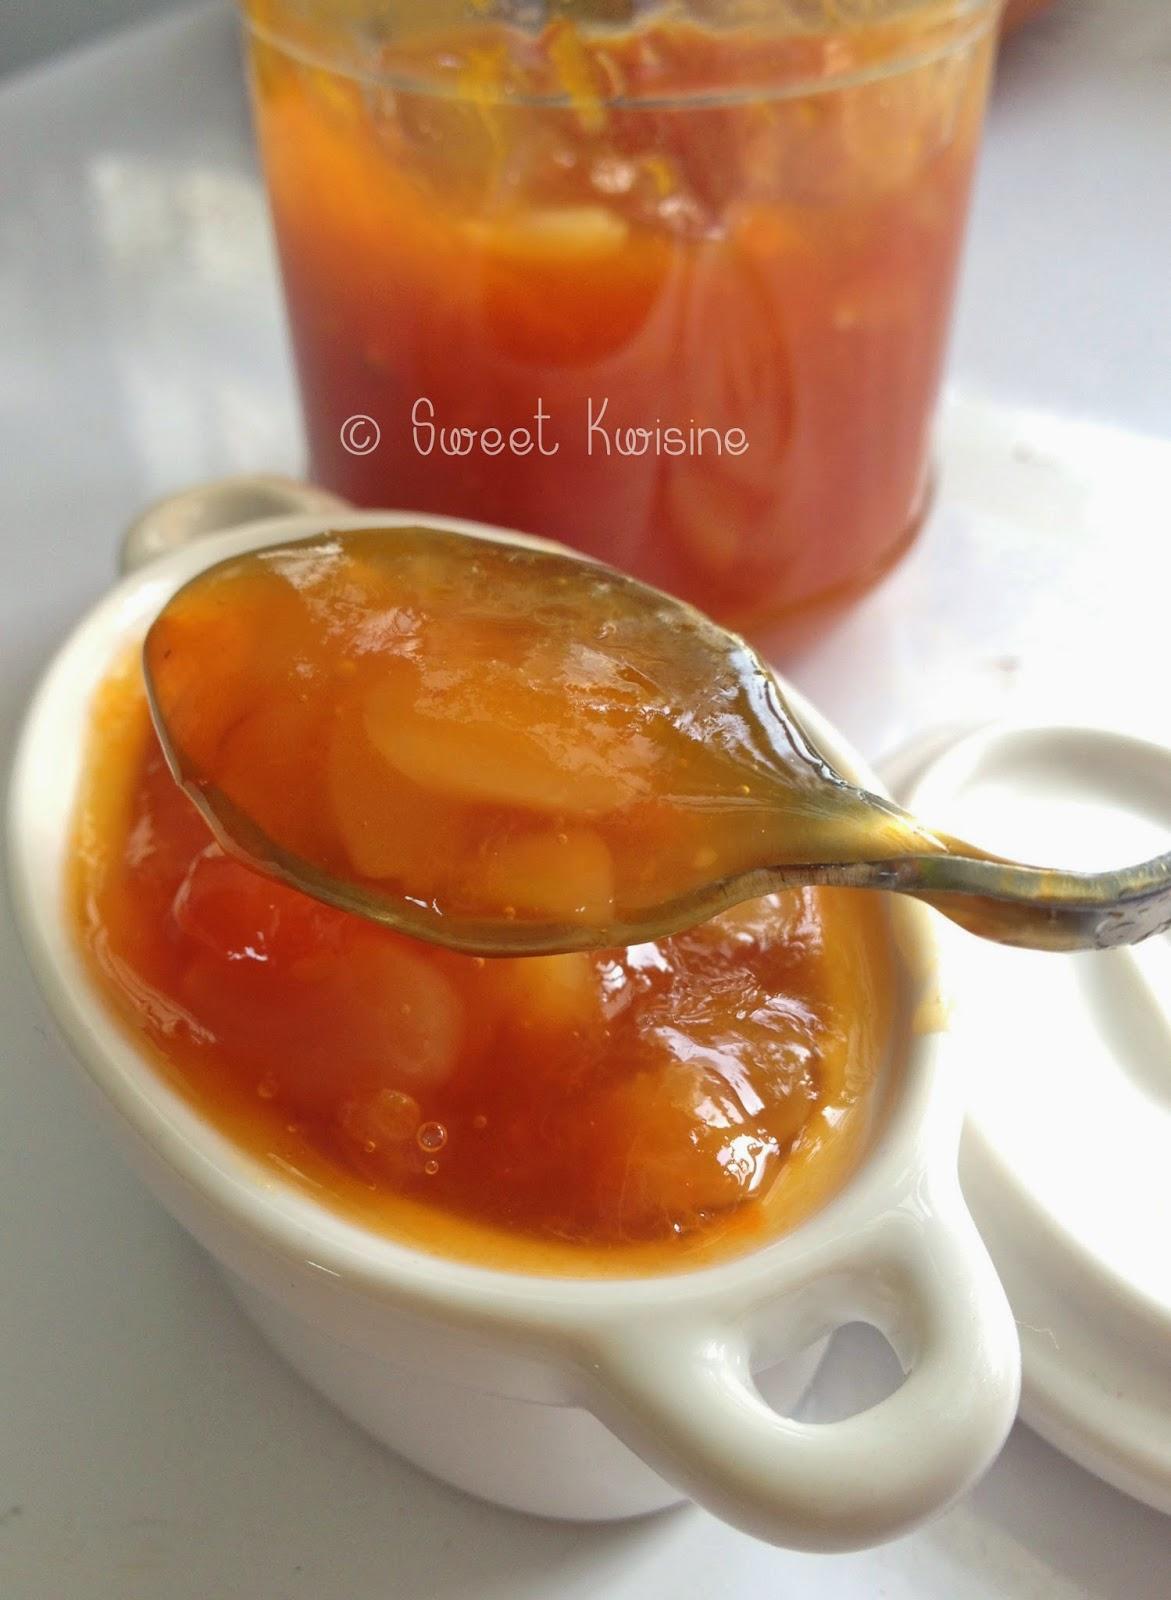 sweet kwisine, confiture, abricots, amandes, jam, végétarien, sucre roux